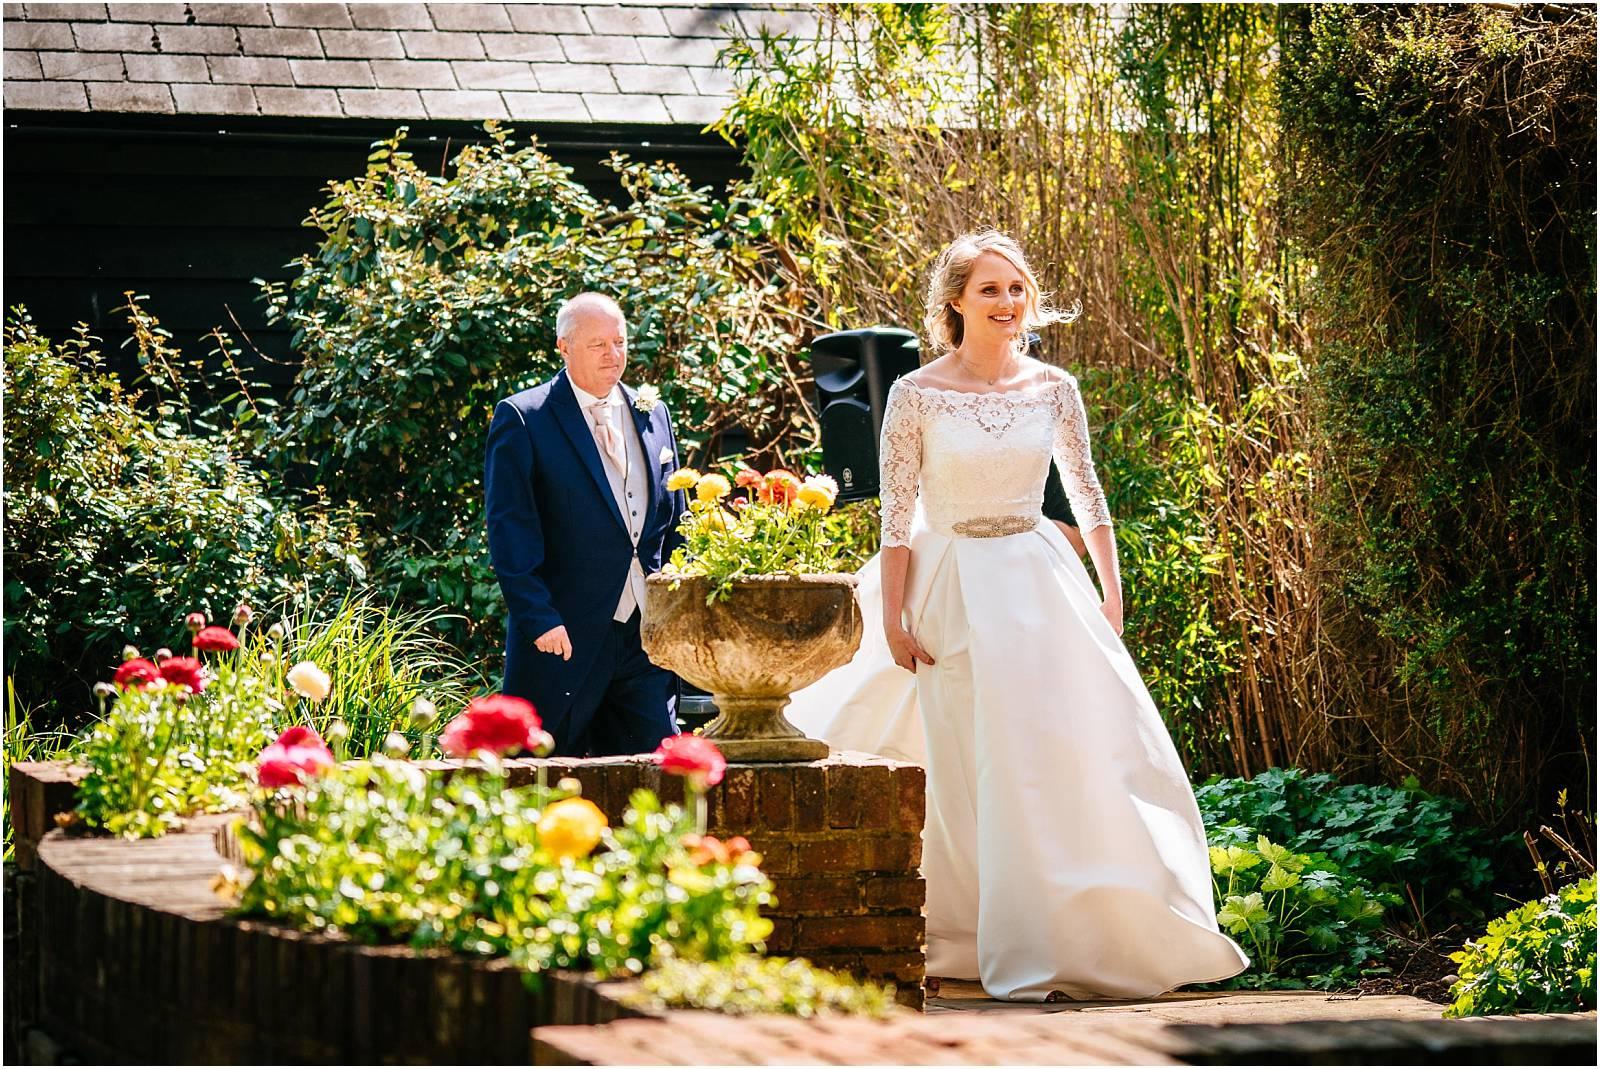 outside wedding near london